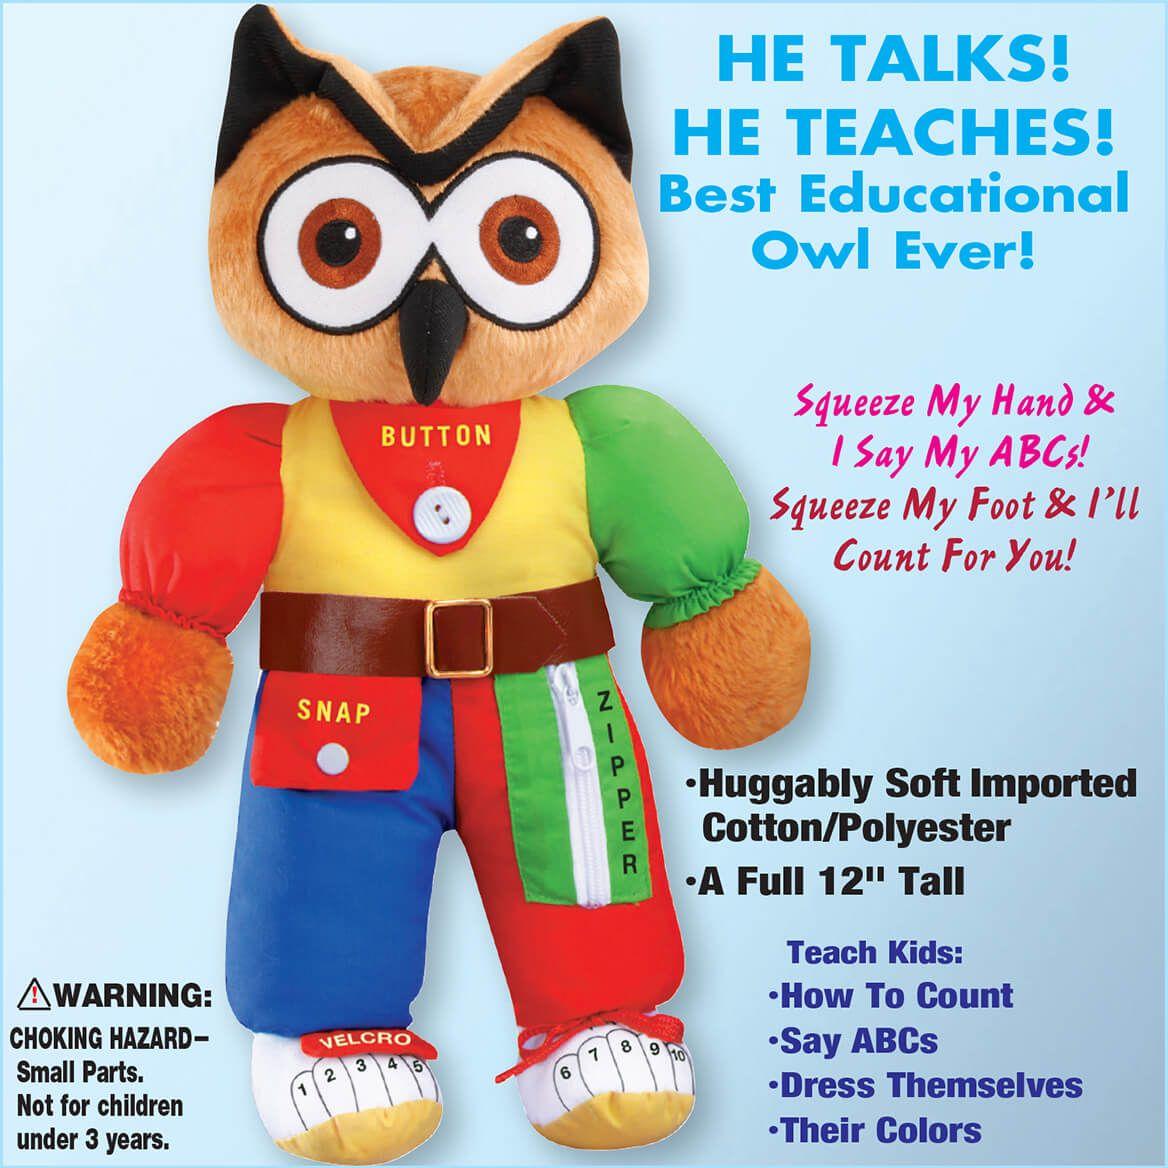 Talking Teaching Wise Old Owl-369944